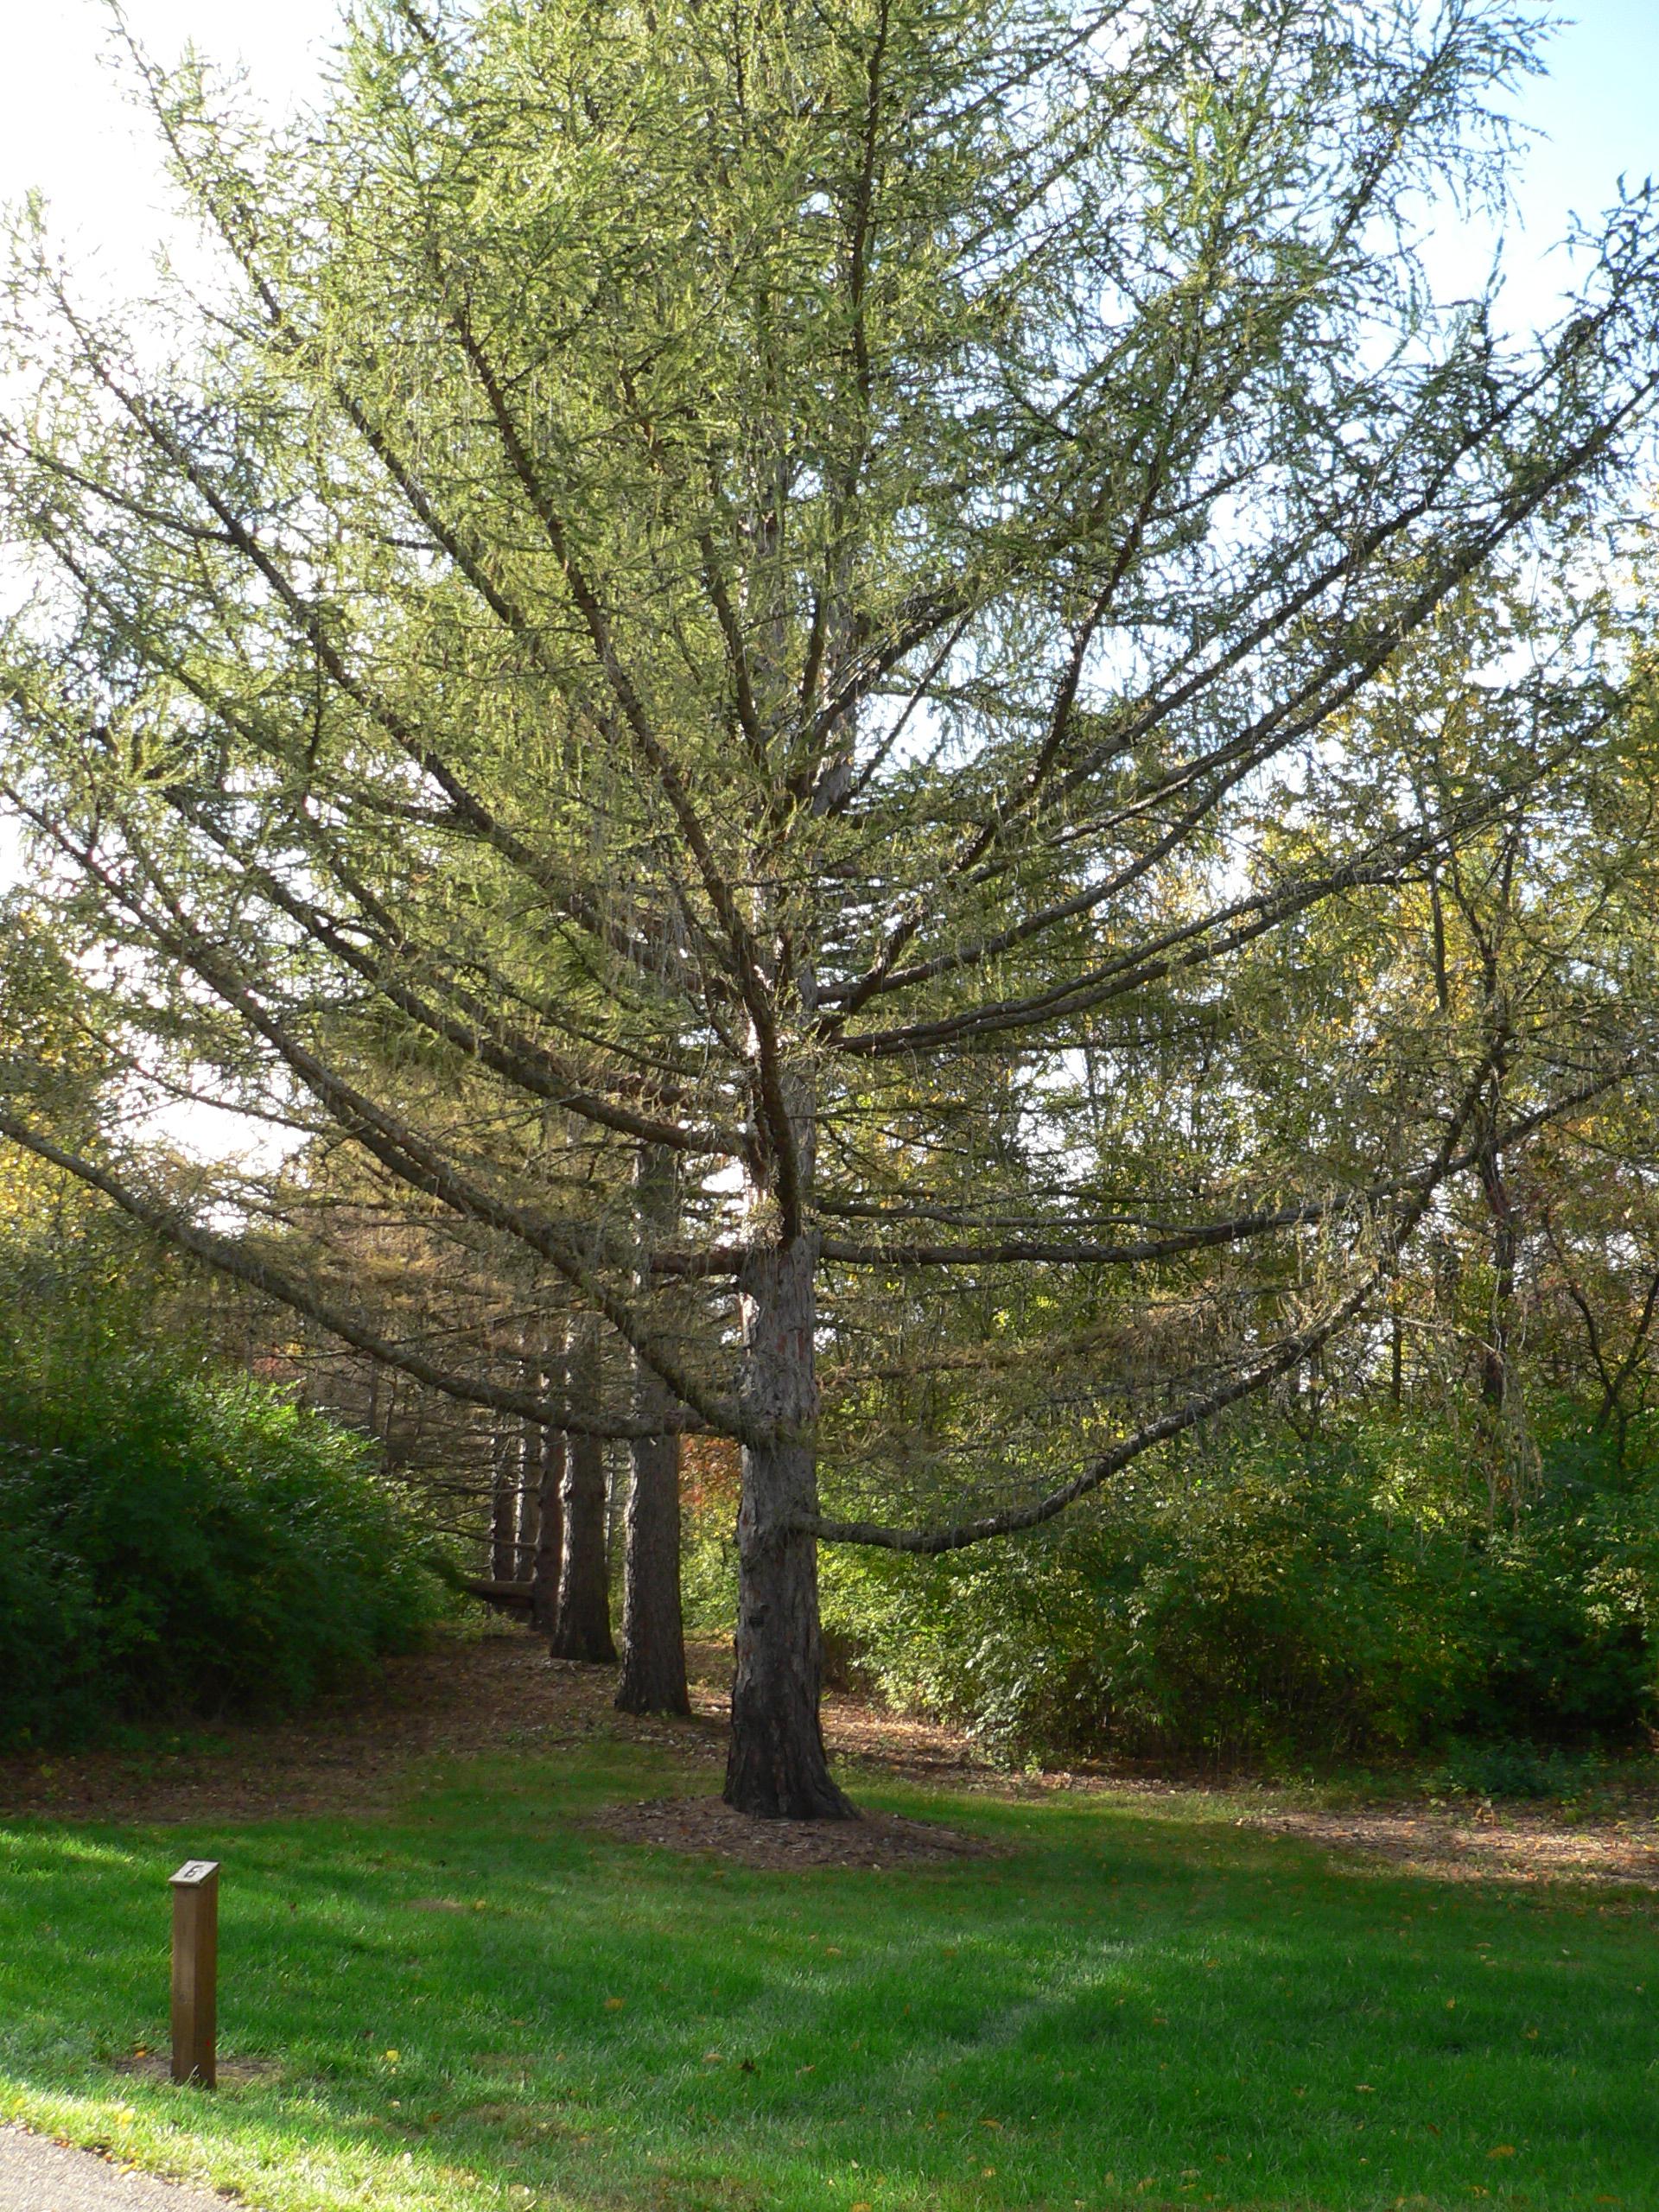 Klehm Arboretum and Botanic Garden